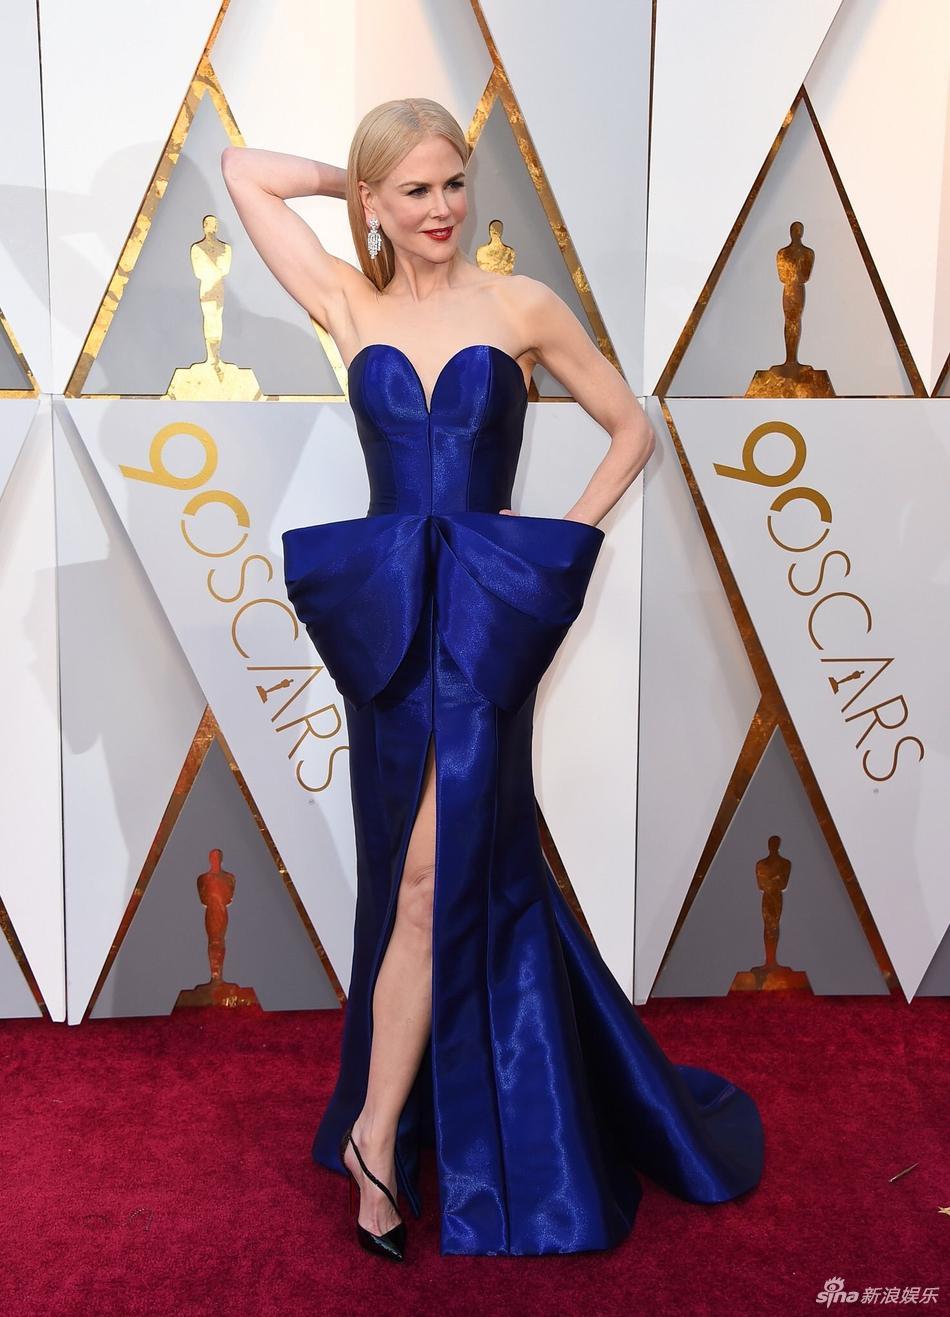 Thảm đỏ Oscar 2018: Nicole Kidman thon thả quyến rũ không kém cạnh đàn em dù đã hơn 50 tuổi-6